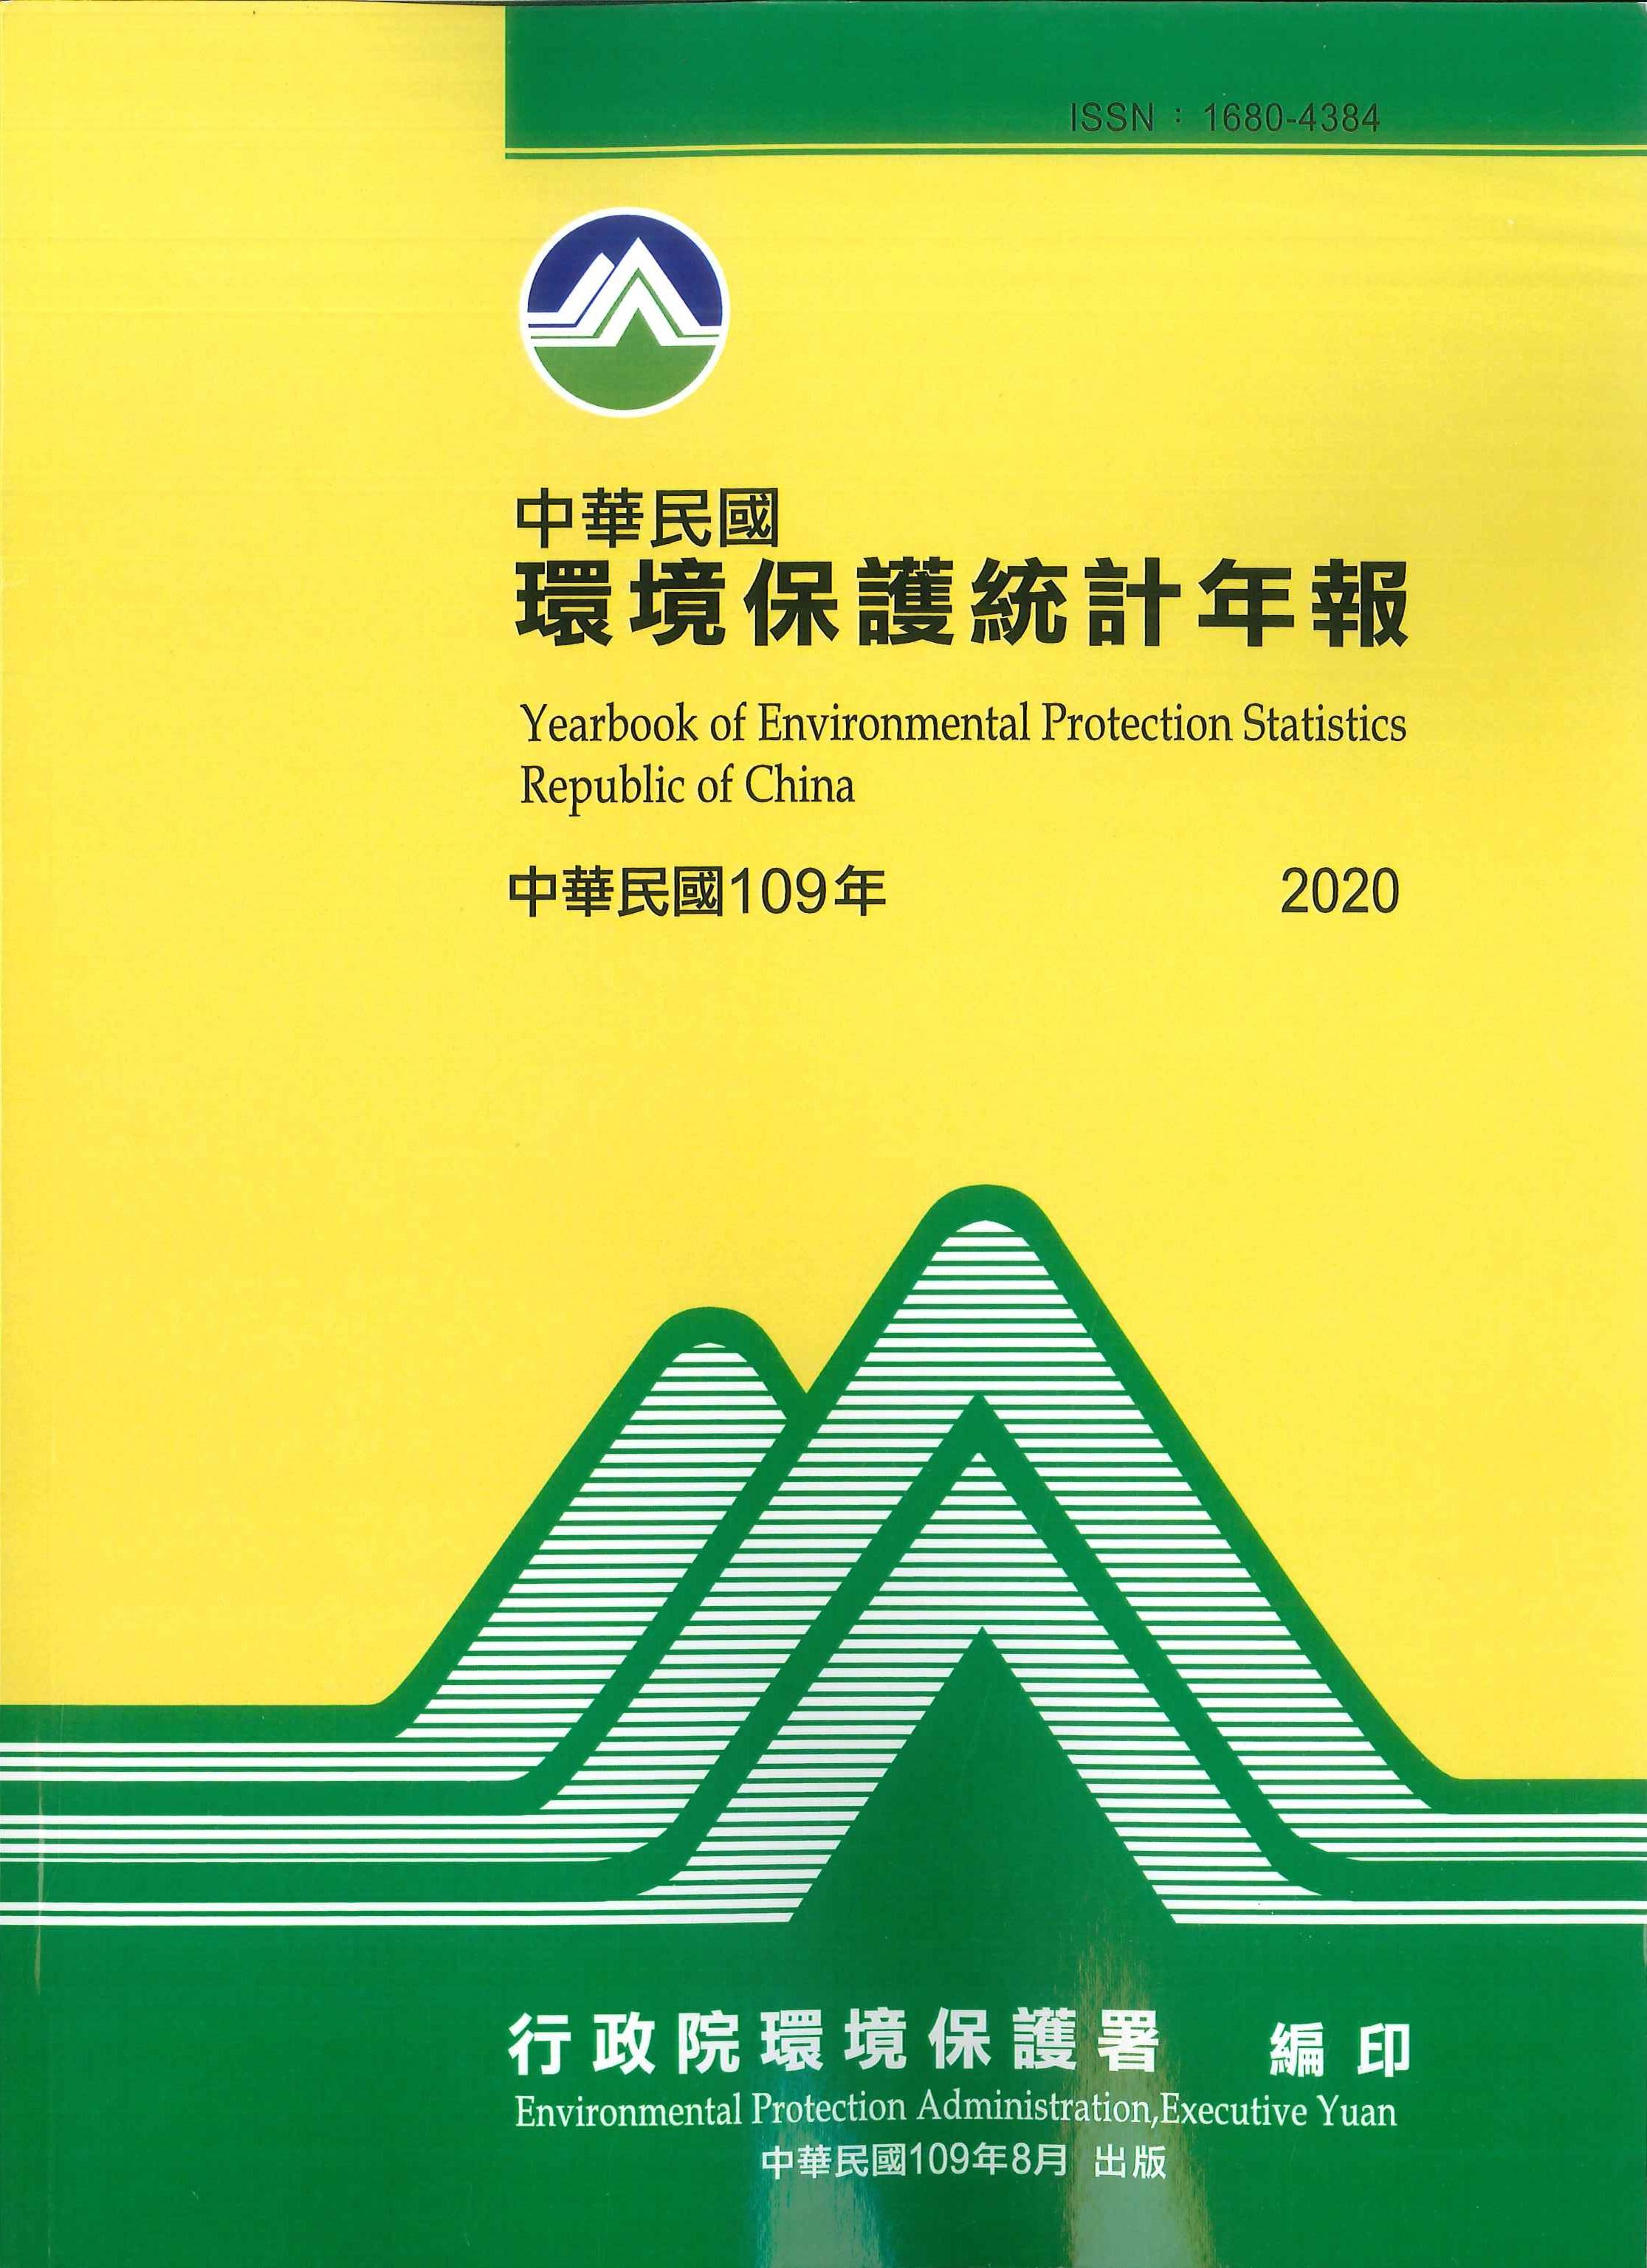 環境保護統計年報